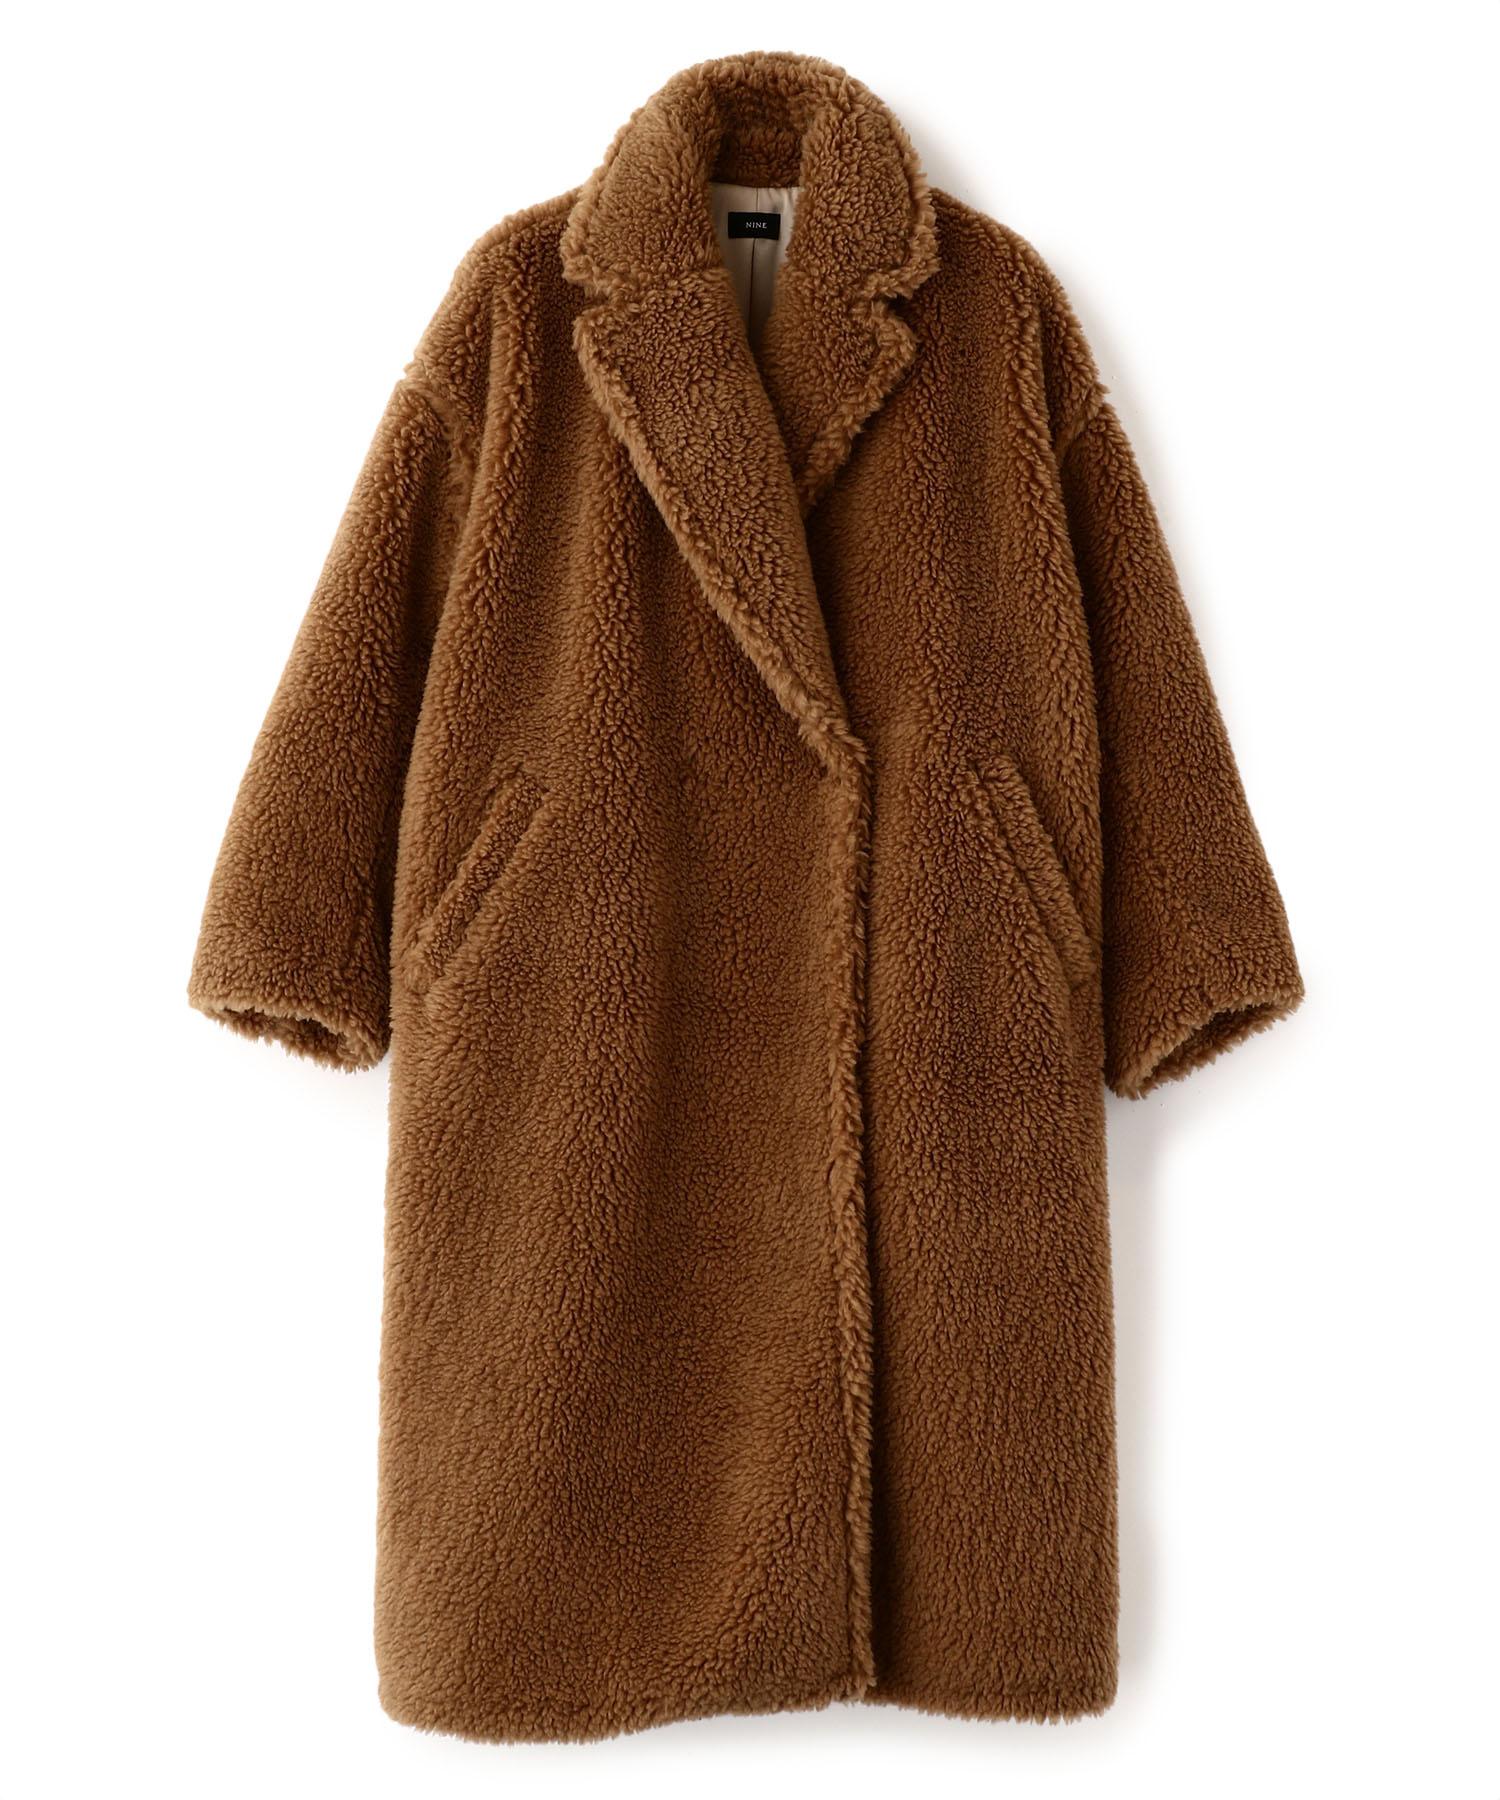 Eco Fur Coat